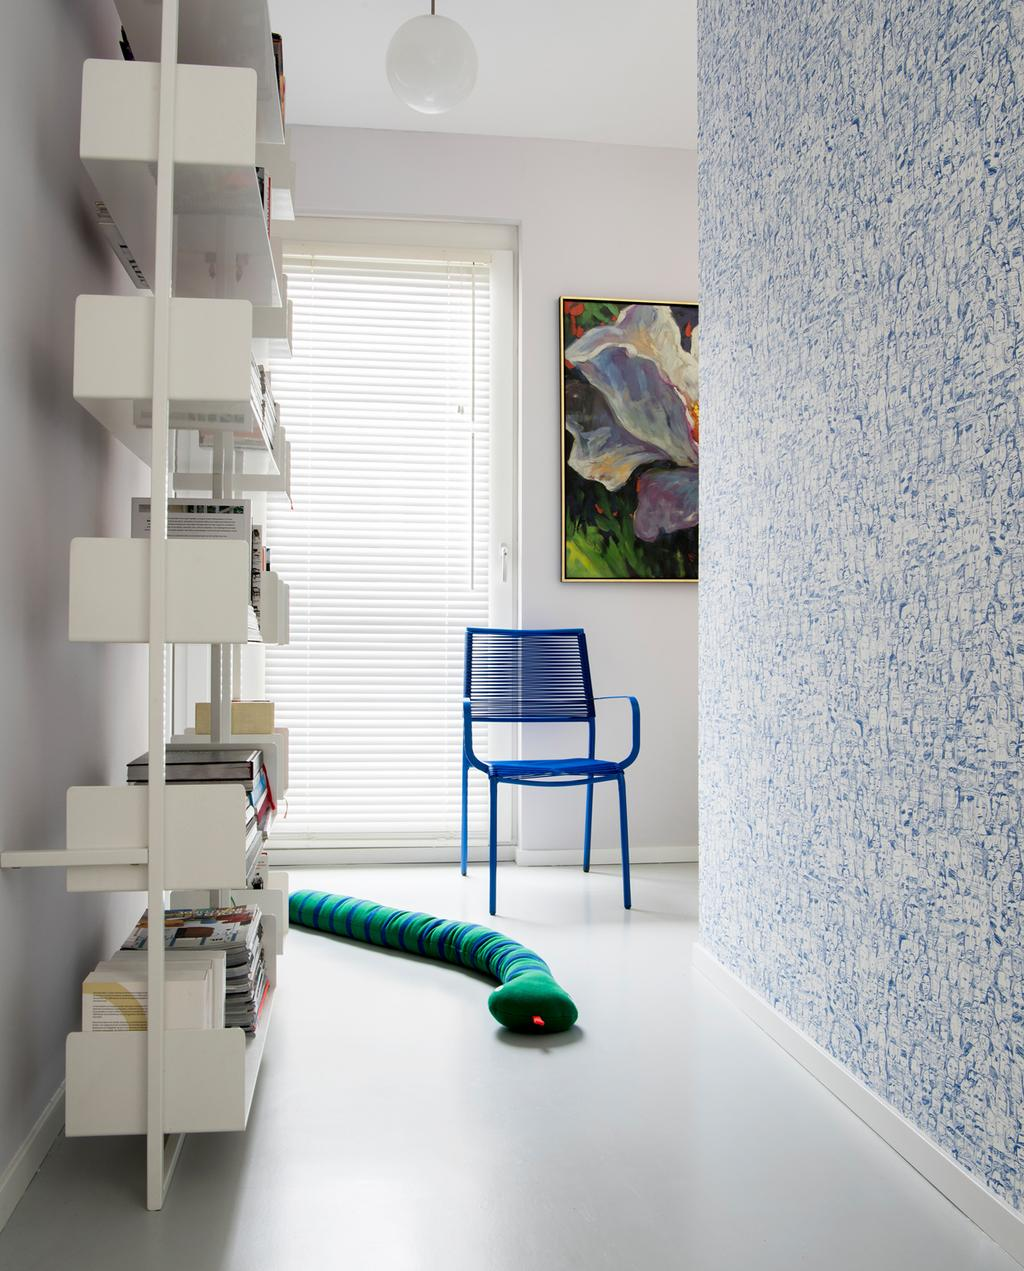 vtwonen binnenkijken special | binnenkijken in een kleurrijk nieuwbouwhuis in Eindhoven boekenkast hal